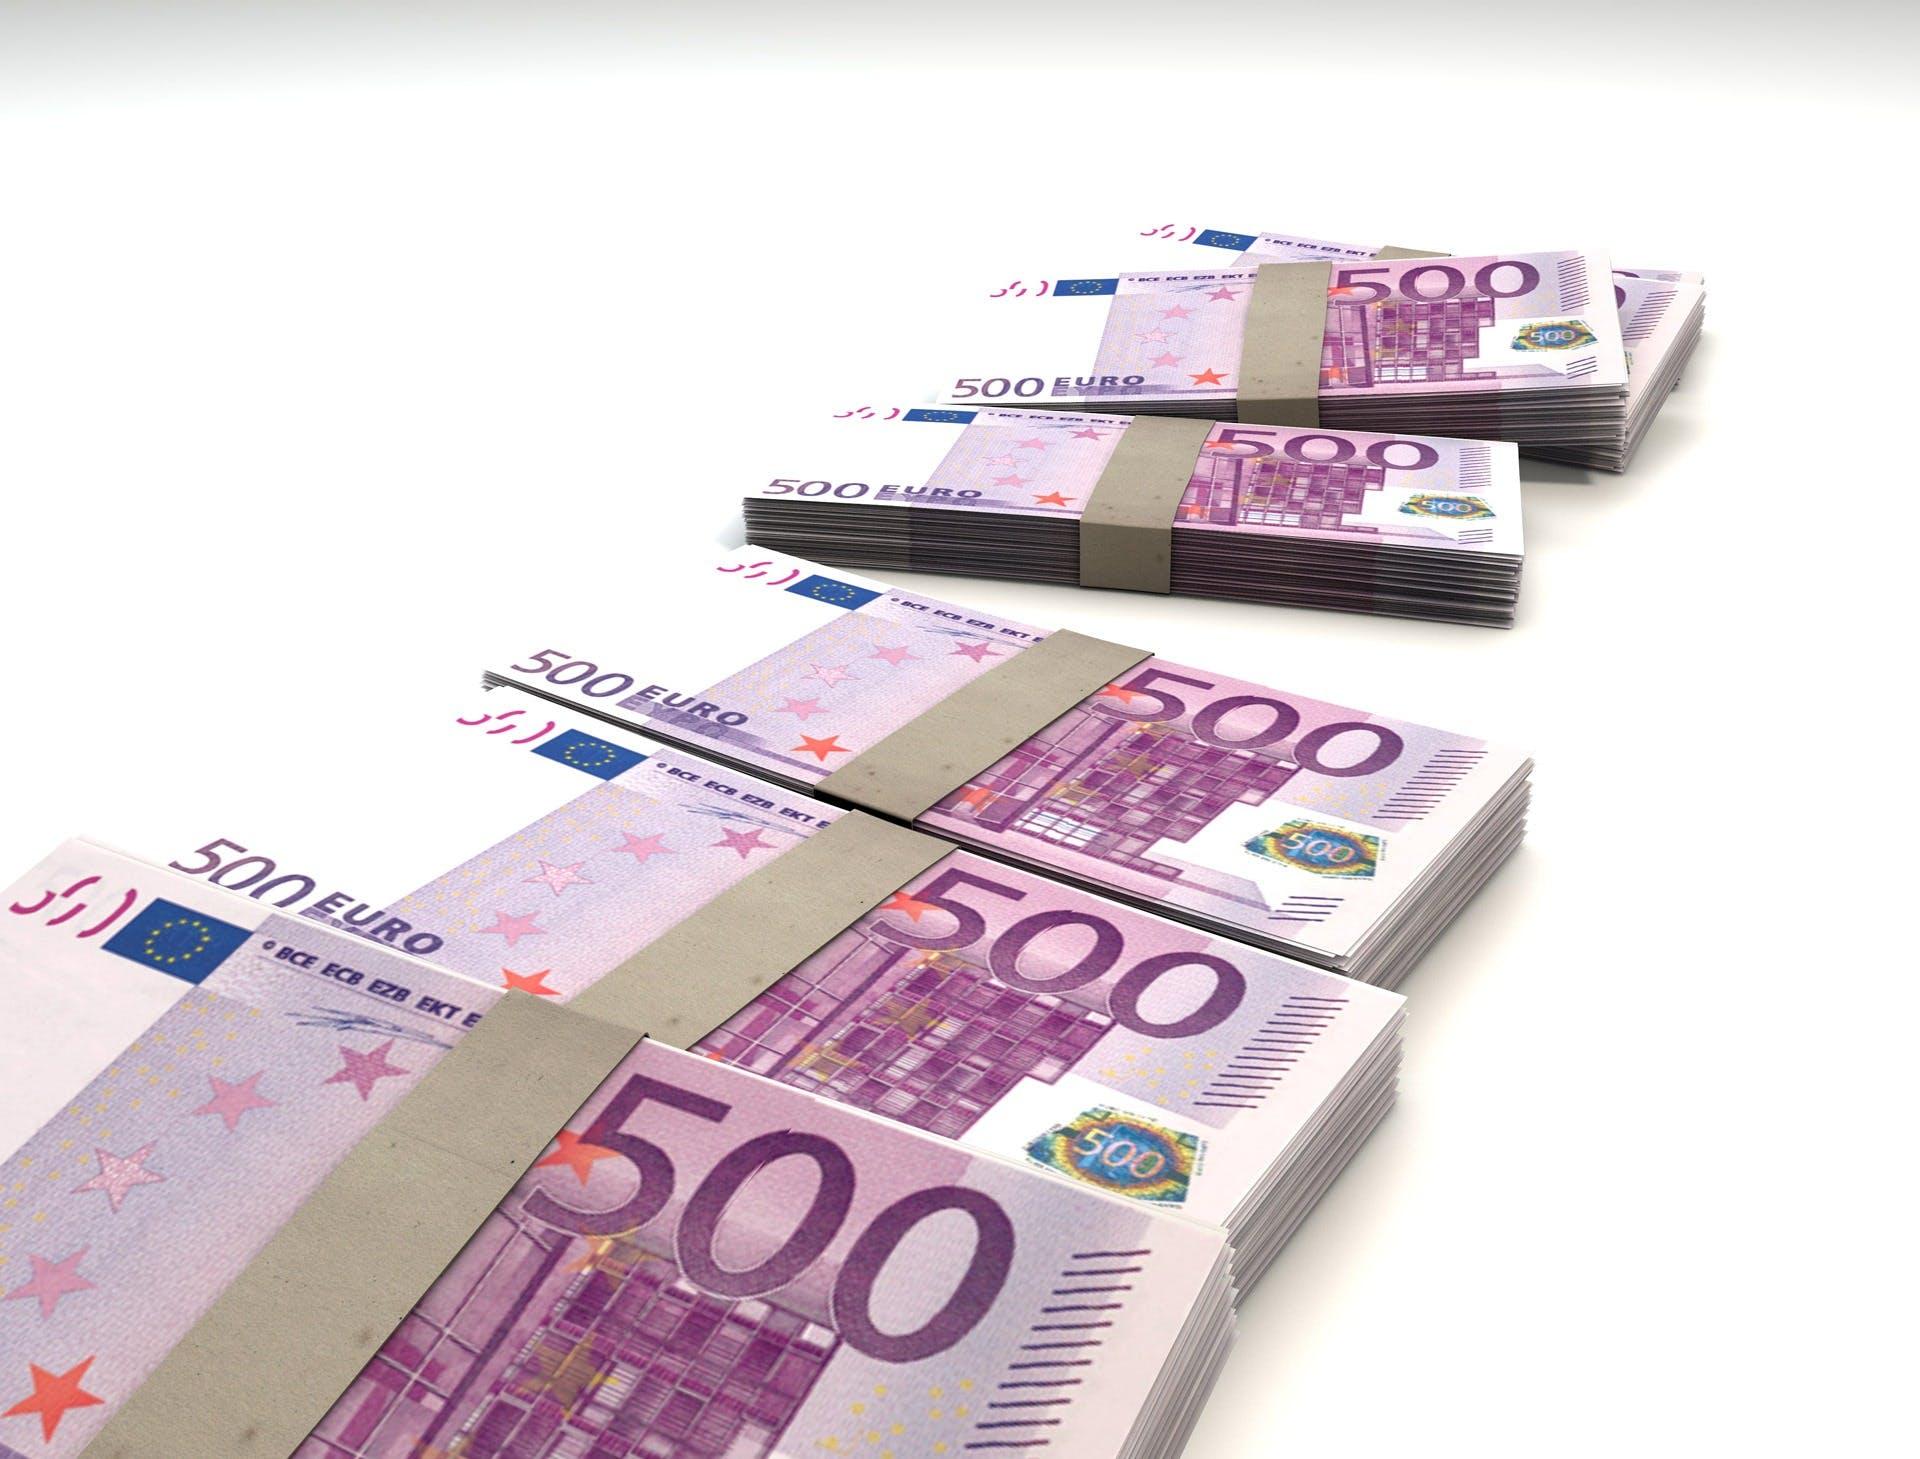 Gratis arkivbilde med 500, avgifter, betale, euro